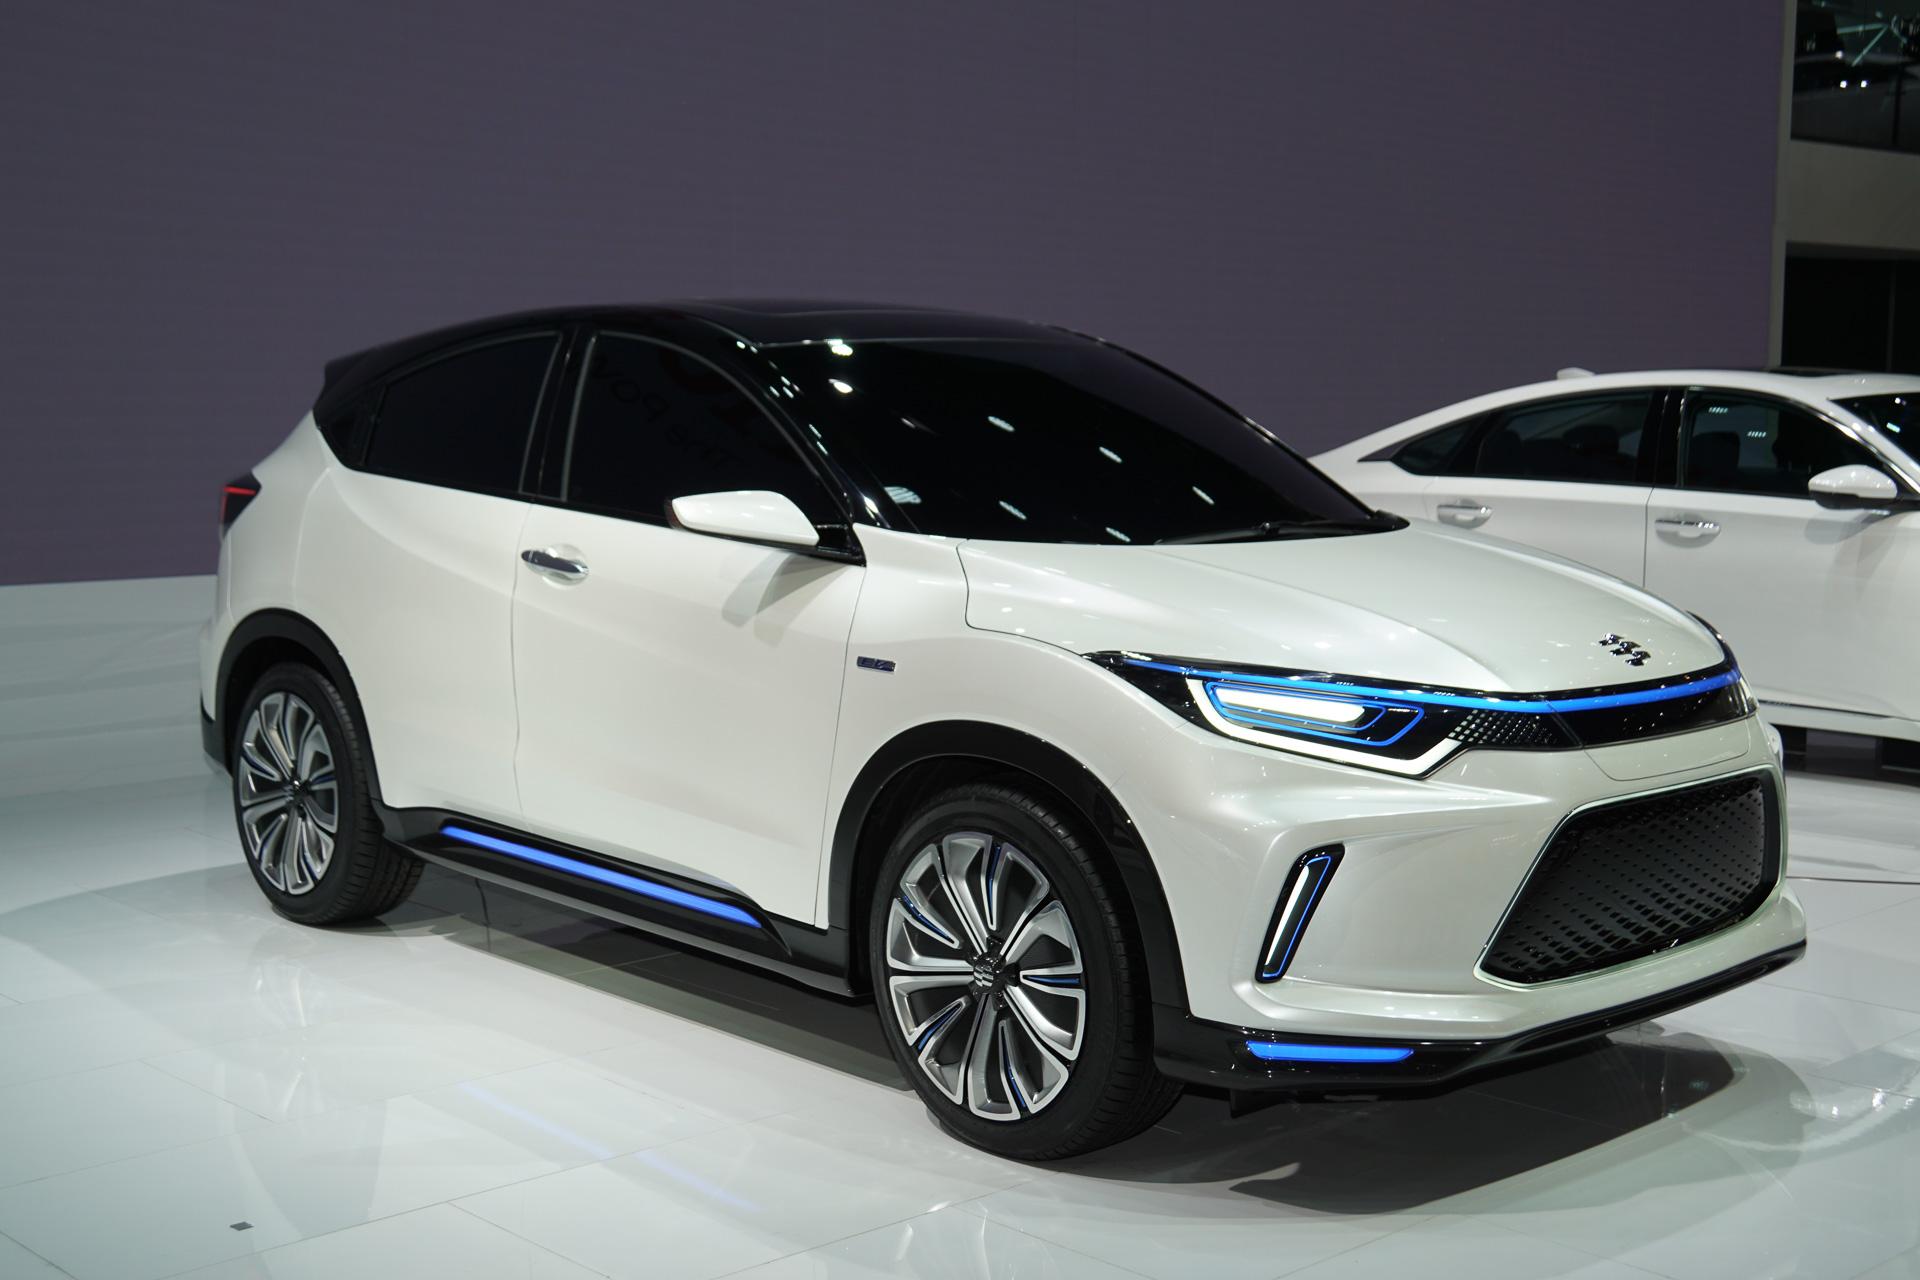 【北京モーターショー 2018】ホンダ、中国専用EV「理念 EV コンセプト」世界初公開